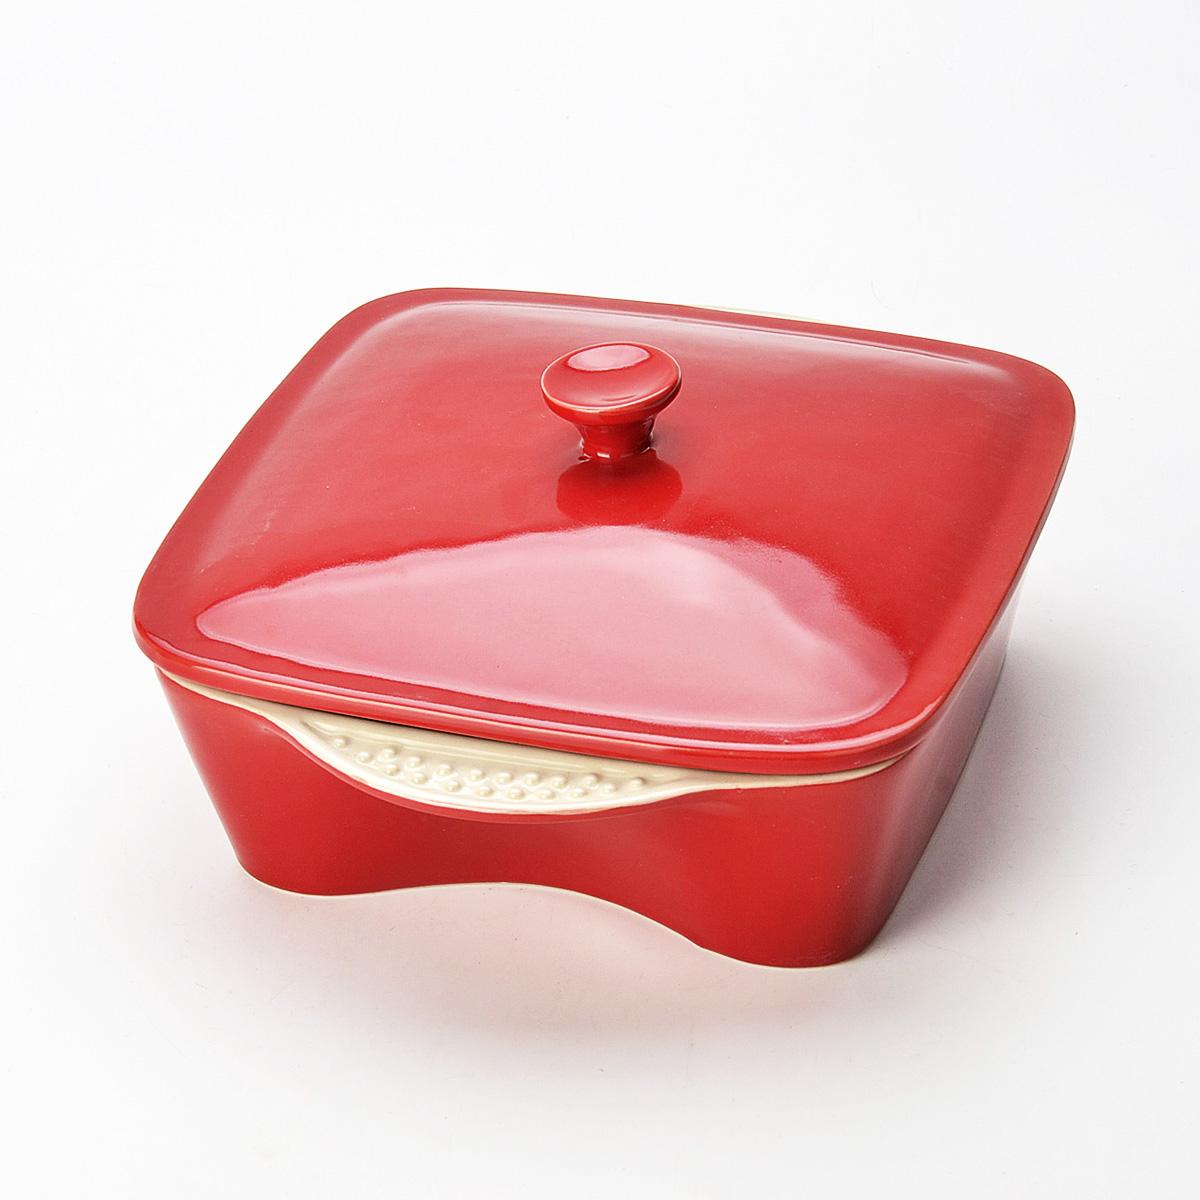 Жаровня Mayer & Boch с крышкой, цвет: красный, 1,7 л. 2177421774Жаровня Mayer & Boch, изготовленная из высококачественной керамики, подходит для любого вида пищи. Элегантный дизайн идеально подходит для современного дома. В комплект входит крышка из керамики. Изделие оснащено удобными ручками.Пища, приготовленная в керамической посуде, сохраняет свои вкусовые качества, и благодаря экологической чистоте материала, не может нанести вред здоровью человека. Керамика - один из самых лучших материалов, который удерживает тепло, медленно и равномерно его распределяет. С такой жаровней вы всегда сможете порадовать своих близких оригинальным блюдом.Жаровню можно использовать в духовом шкафу, в микроволновой печи, замораживать в холодильнике. Можно мыть в посудомоечной машине.Размер жаровни (с учетом ручек): 25,5 см х 21 см х 6,5 см.Высота стенок: 6,5 см.Толщина стенок: 6-7 мм.